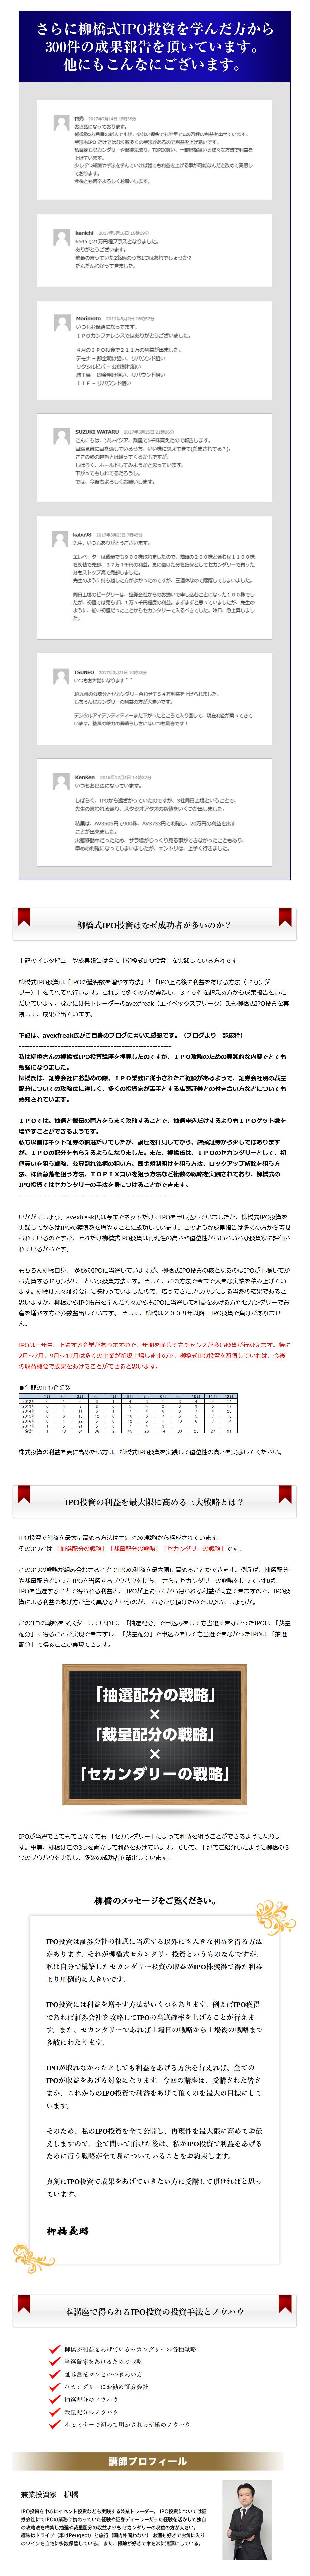 わずか数日から数週間で、数十万円~数百万円の利益をあげる「柳橋式IPO投資」_11